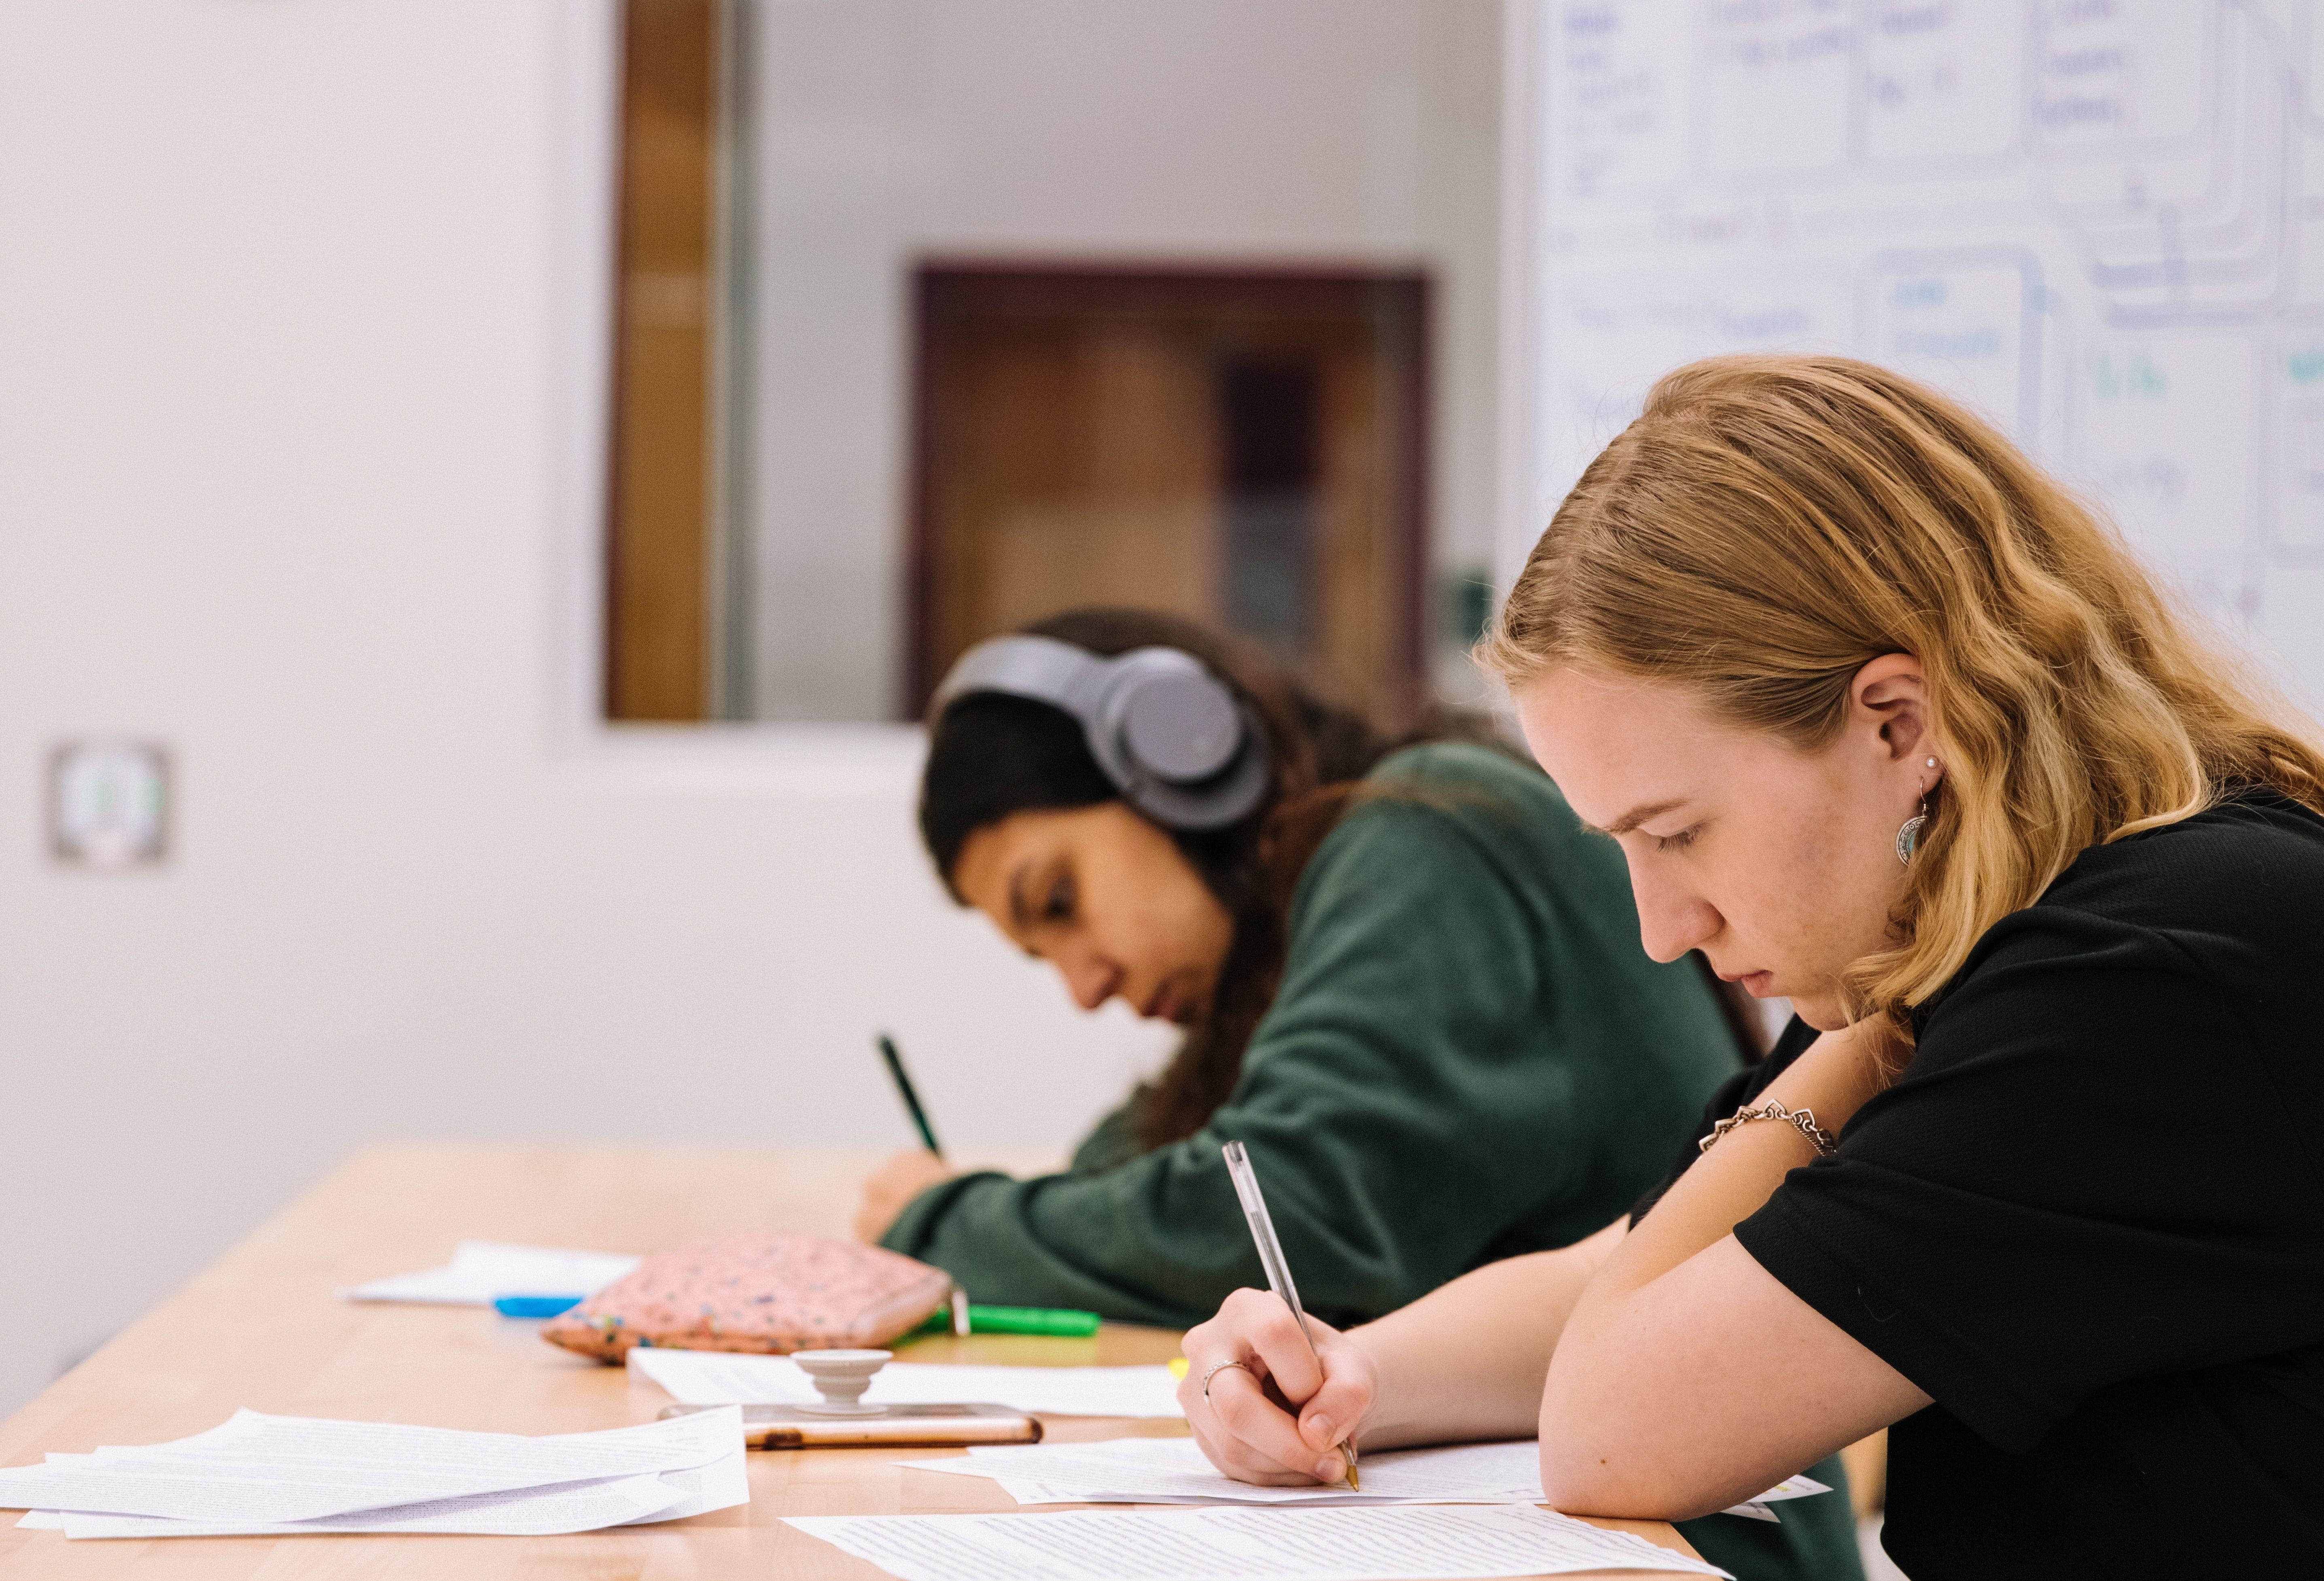 TILRETTELEGGING: Skolen skal, så langt det er mulig og rimelig, legge studiesituasjonen til rette for studenter med særskilte behov. Foto: Unsplash / jeswin-thomas